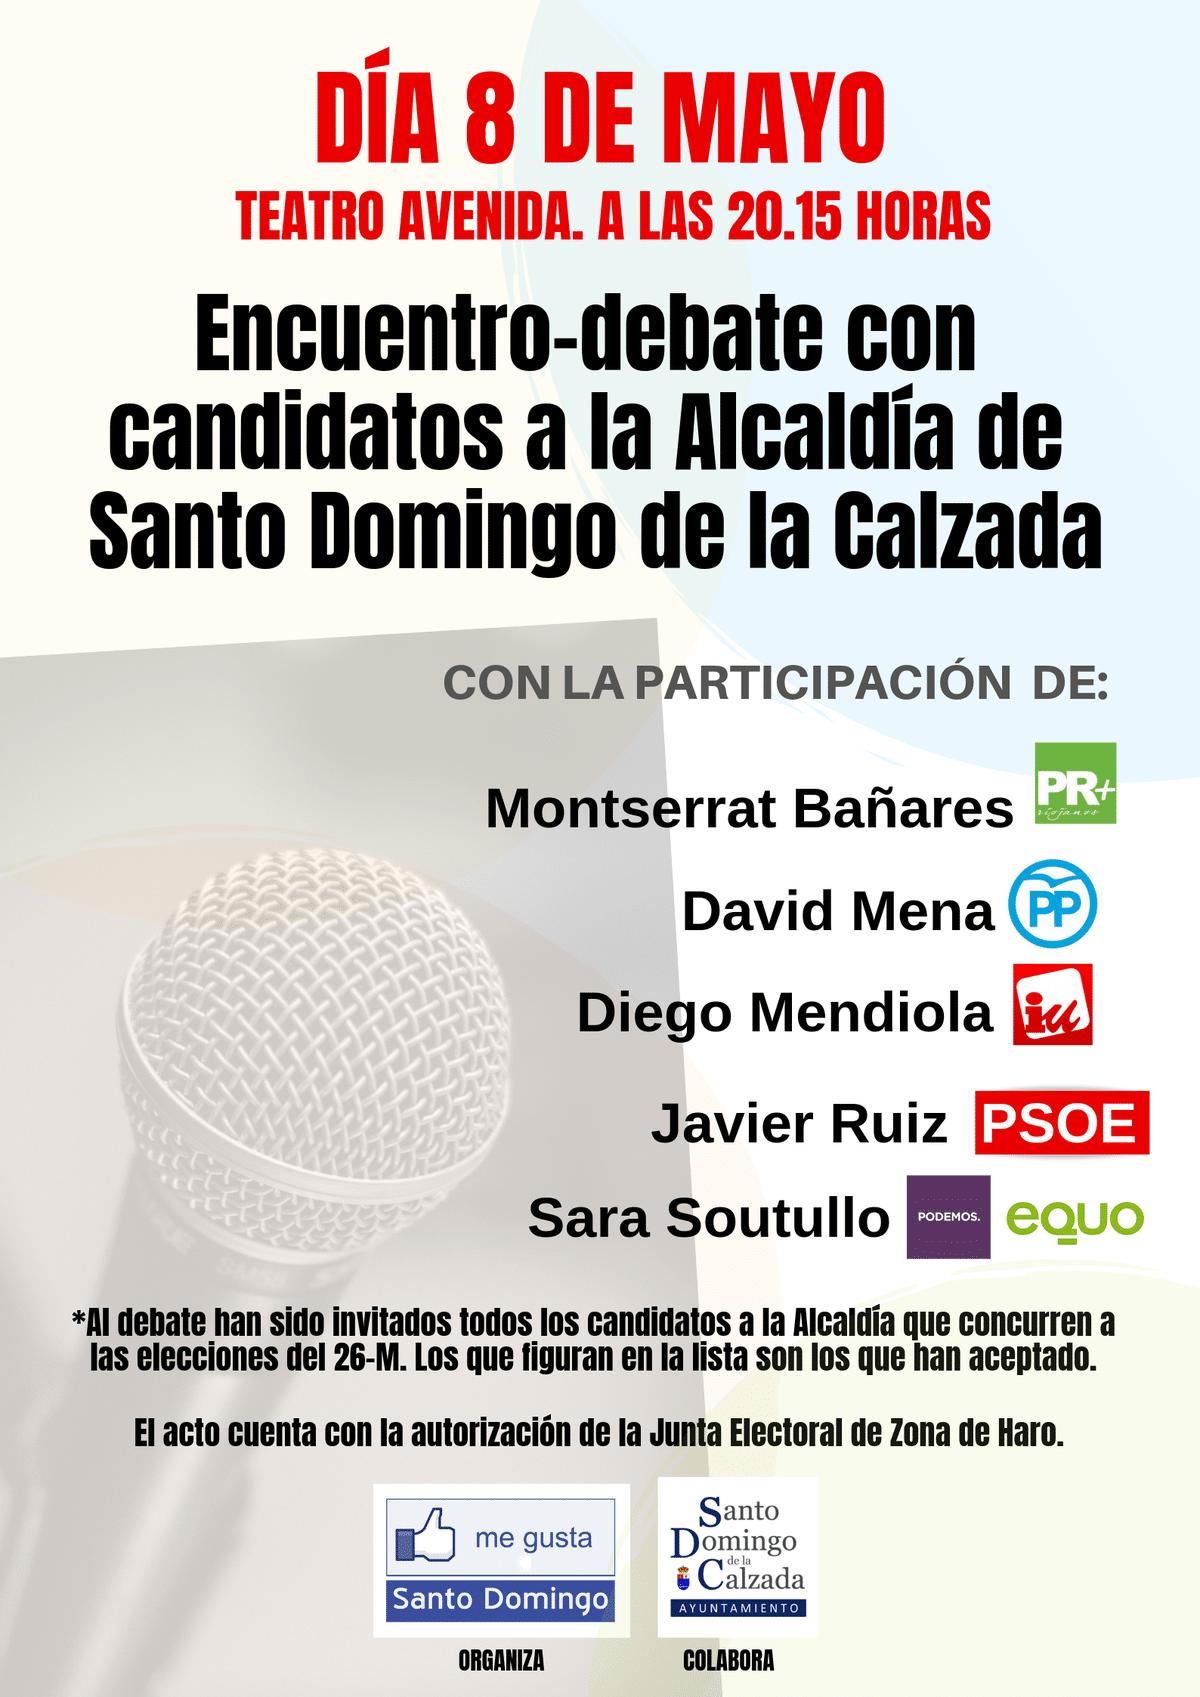 Santo Domingo de la Calzada celebrará un debate electoral el 8 de mayo 1